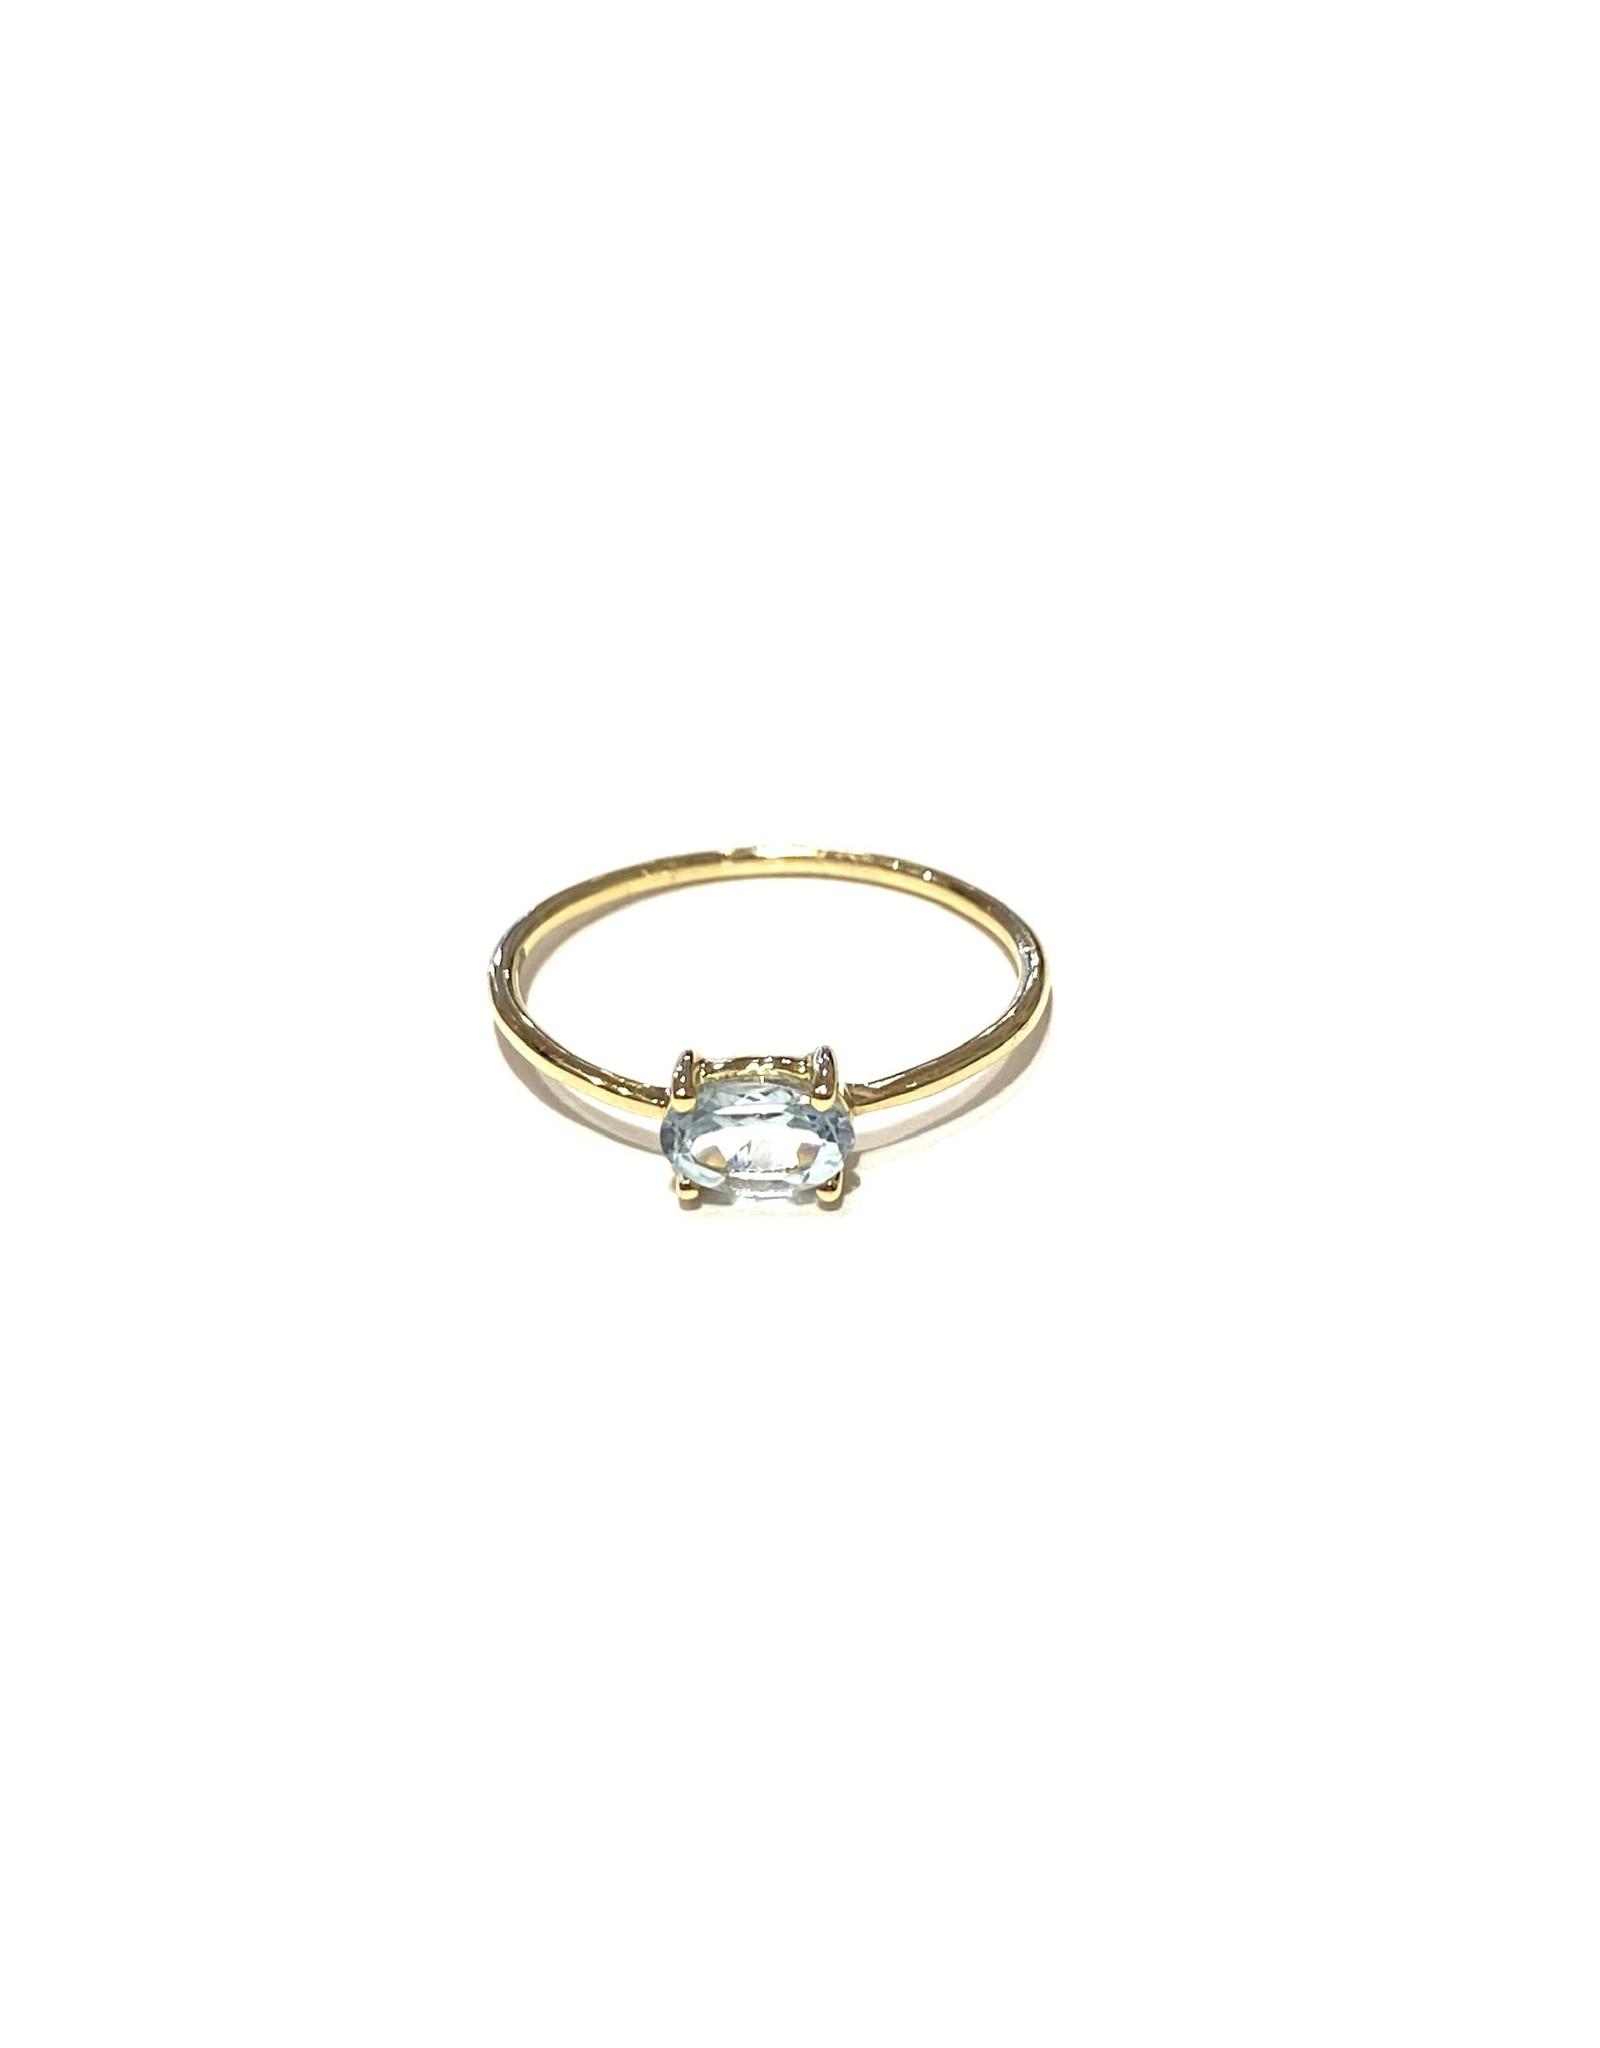 Bo Gold Ring - Goud - Blauw Topaas